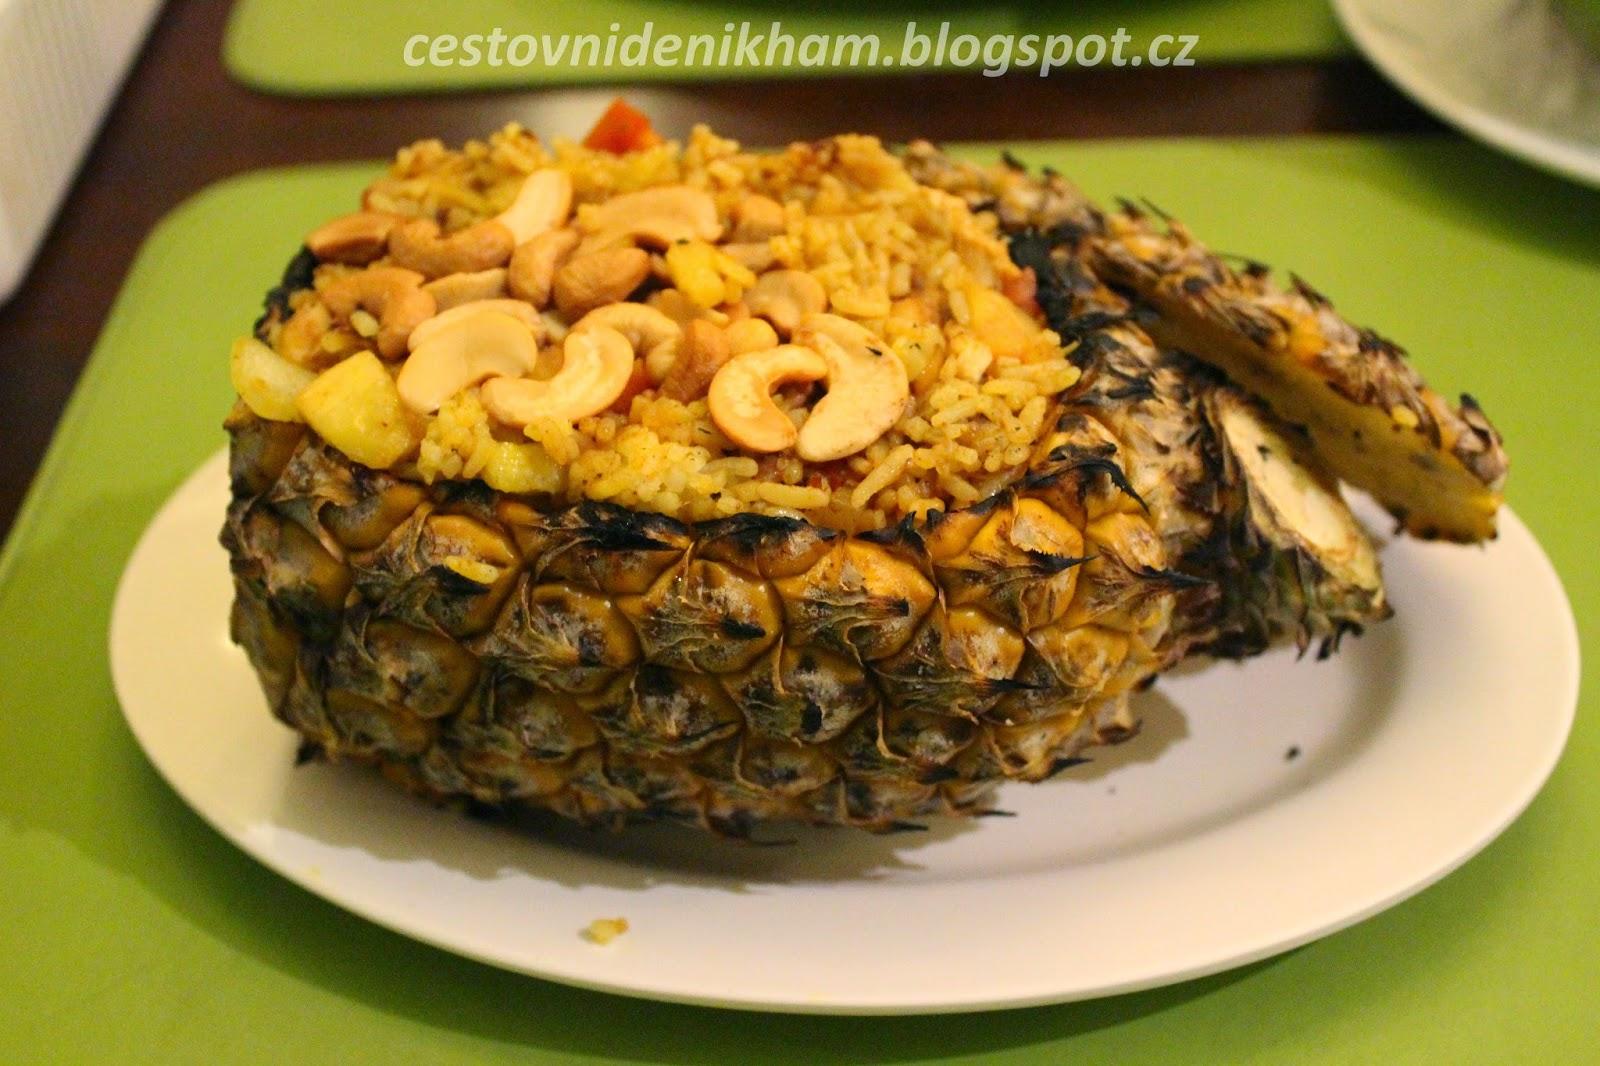 ananas plněný rýží a kuřecím masem // pineapple stuffed with rice and chicken